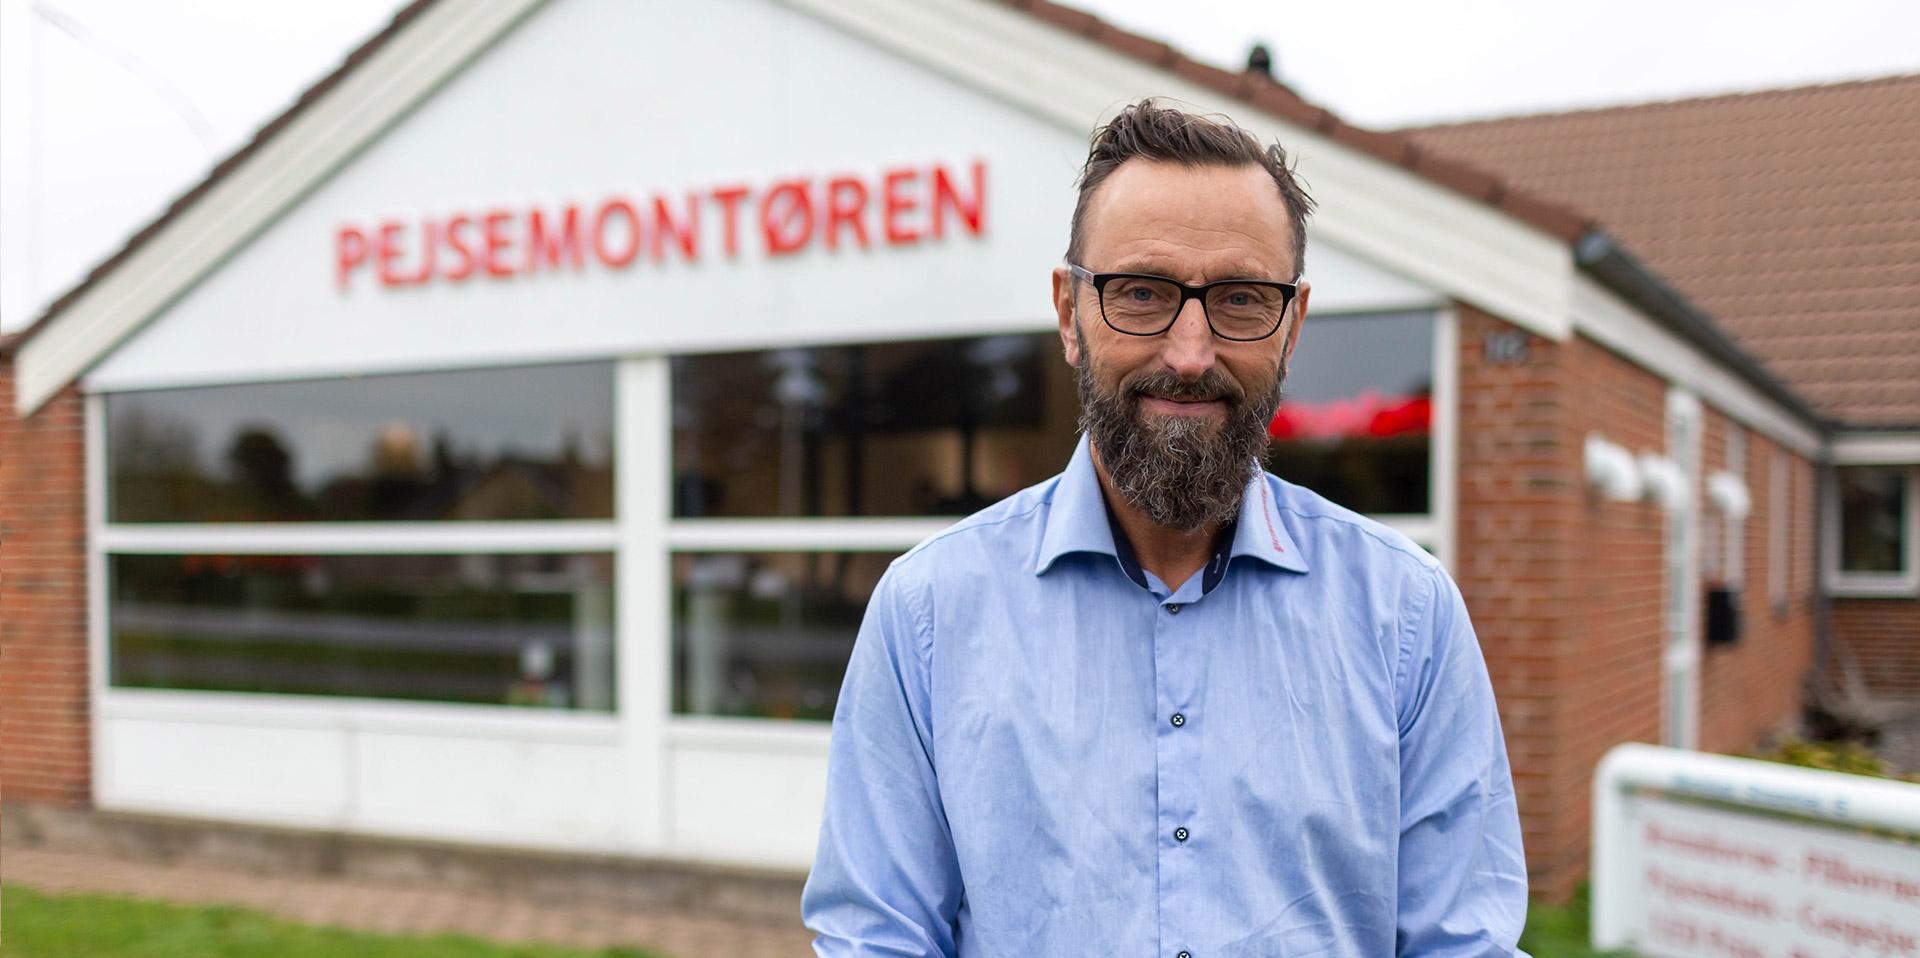 Pejsemontøren V/ Jim Jørgensen